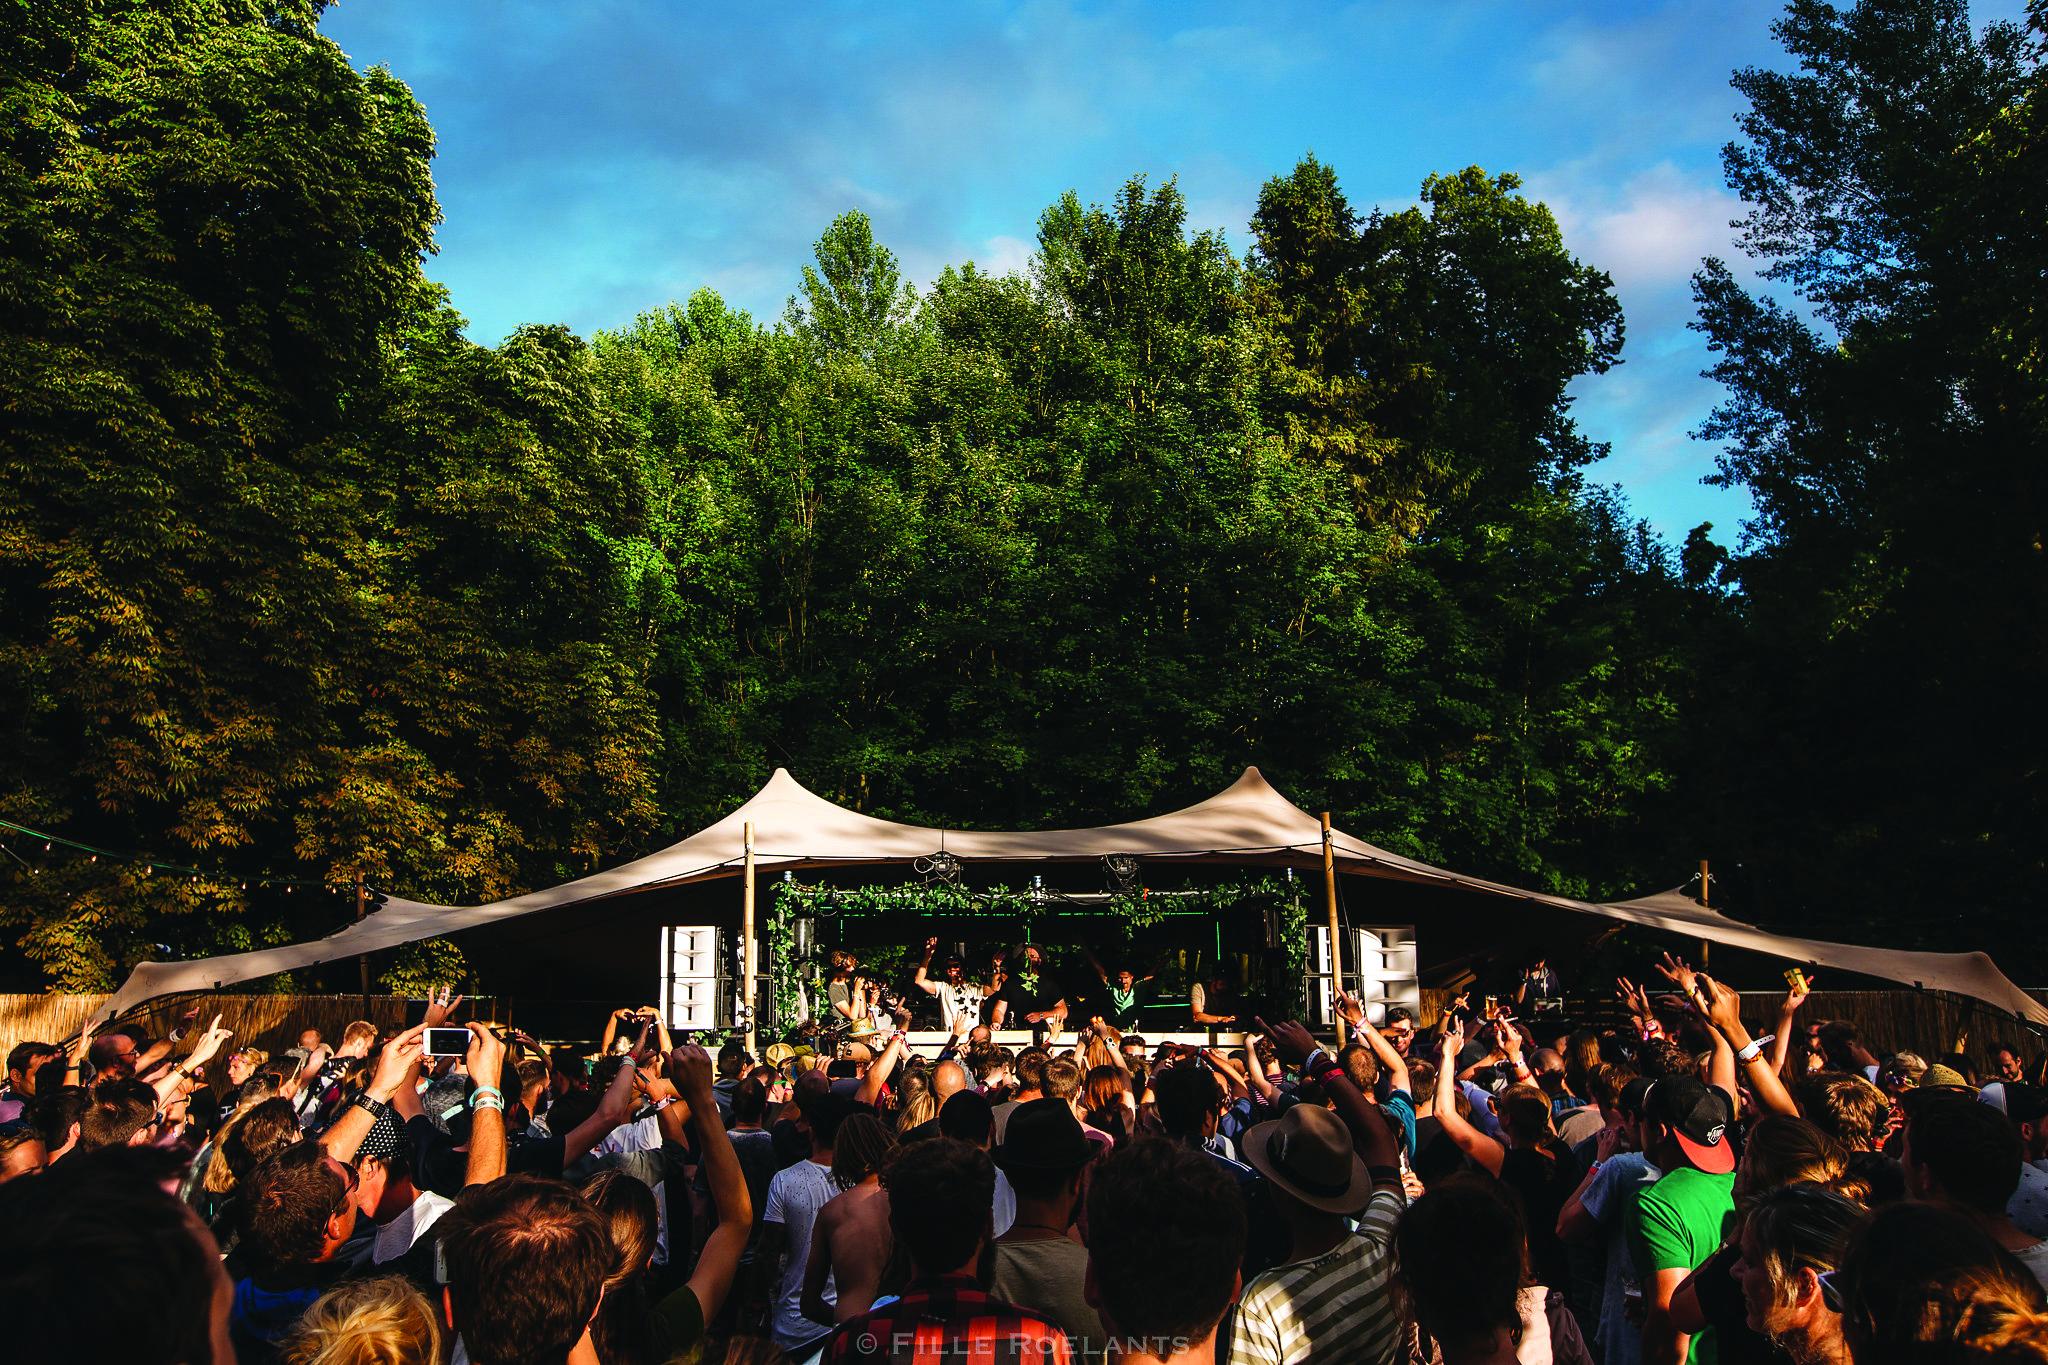 Summer festival guide: Europe